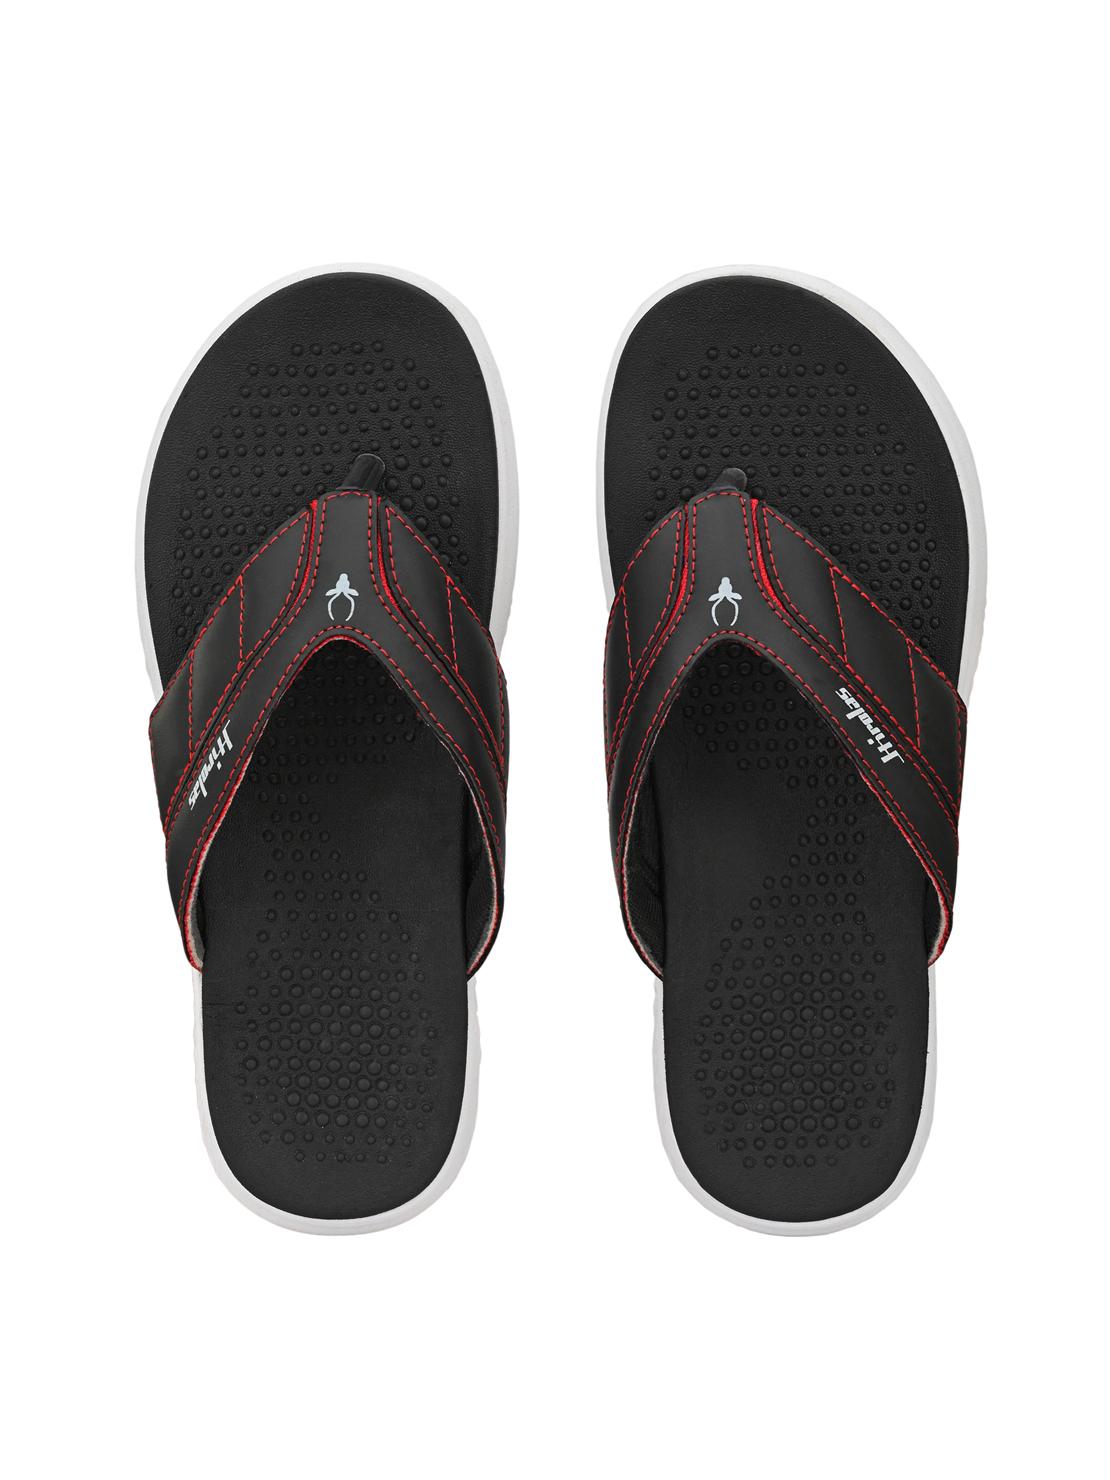 Hirolas | Hirolas® CLOUDWALK | Comfortable | Ultra-Soft | Light-Weight | Shock Absorbent | Bounce Back Technology | Water-Resistant | Flip Flops | Slippers for Men - Black/Red